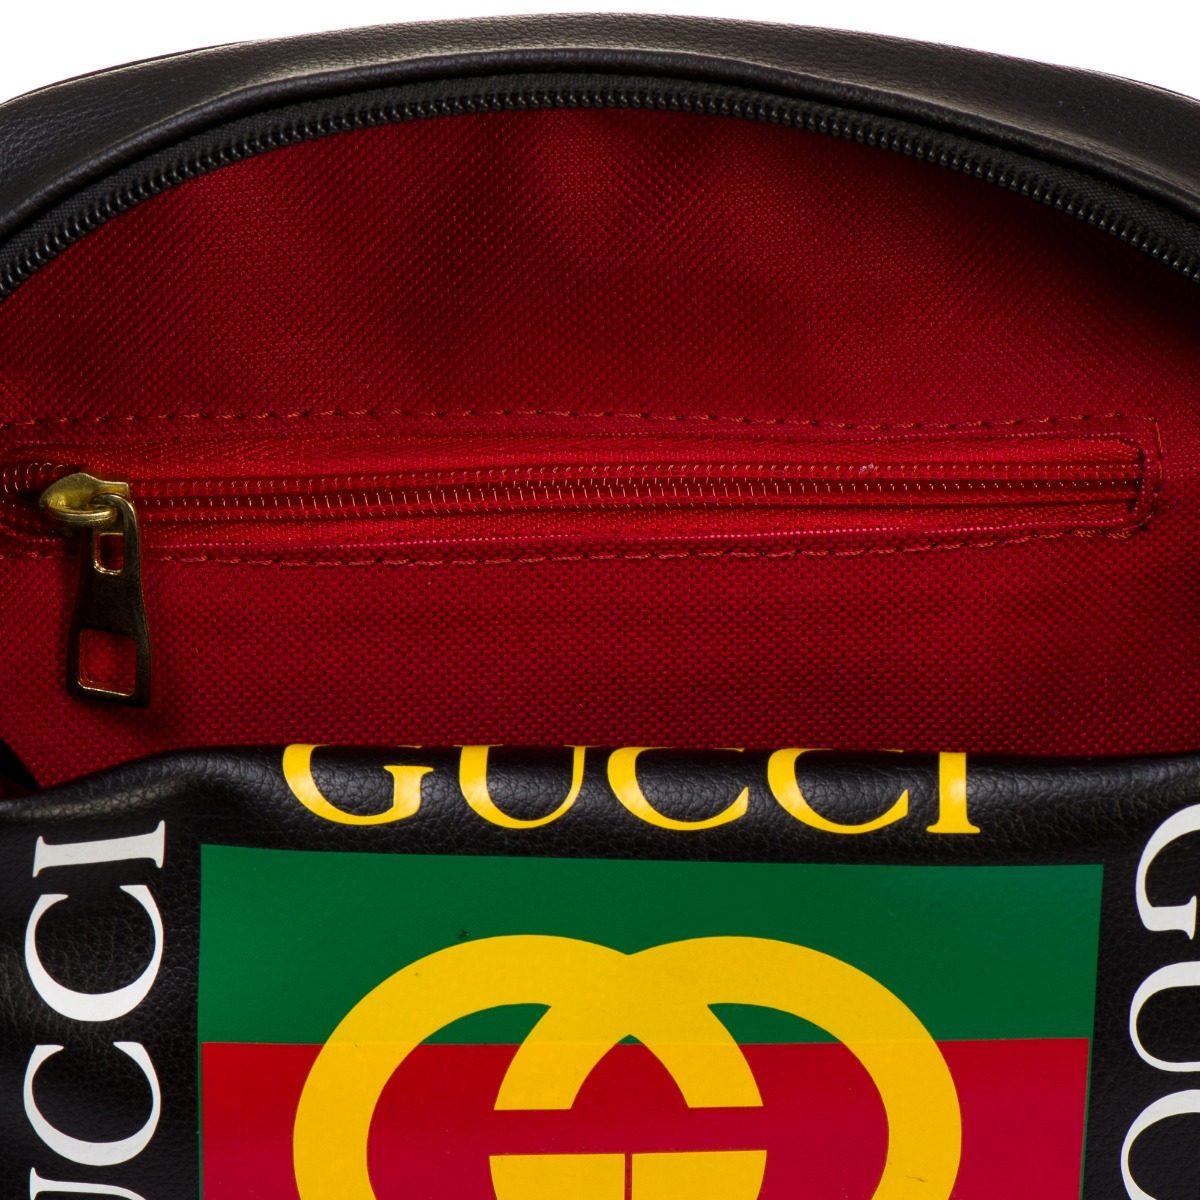 72d05f570 Mochila Lateral Bum Bolsa Transversal Carteiro - R$ 59,40 em Mercado ...